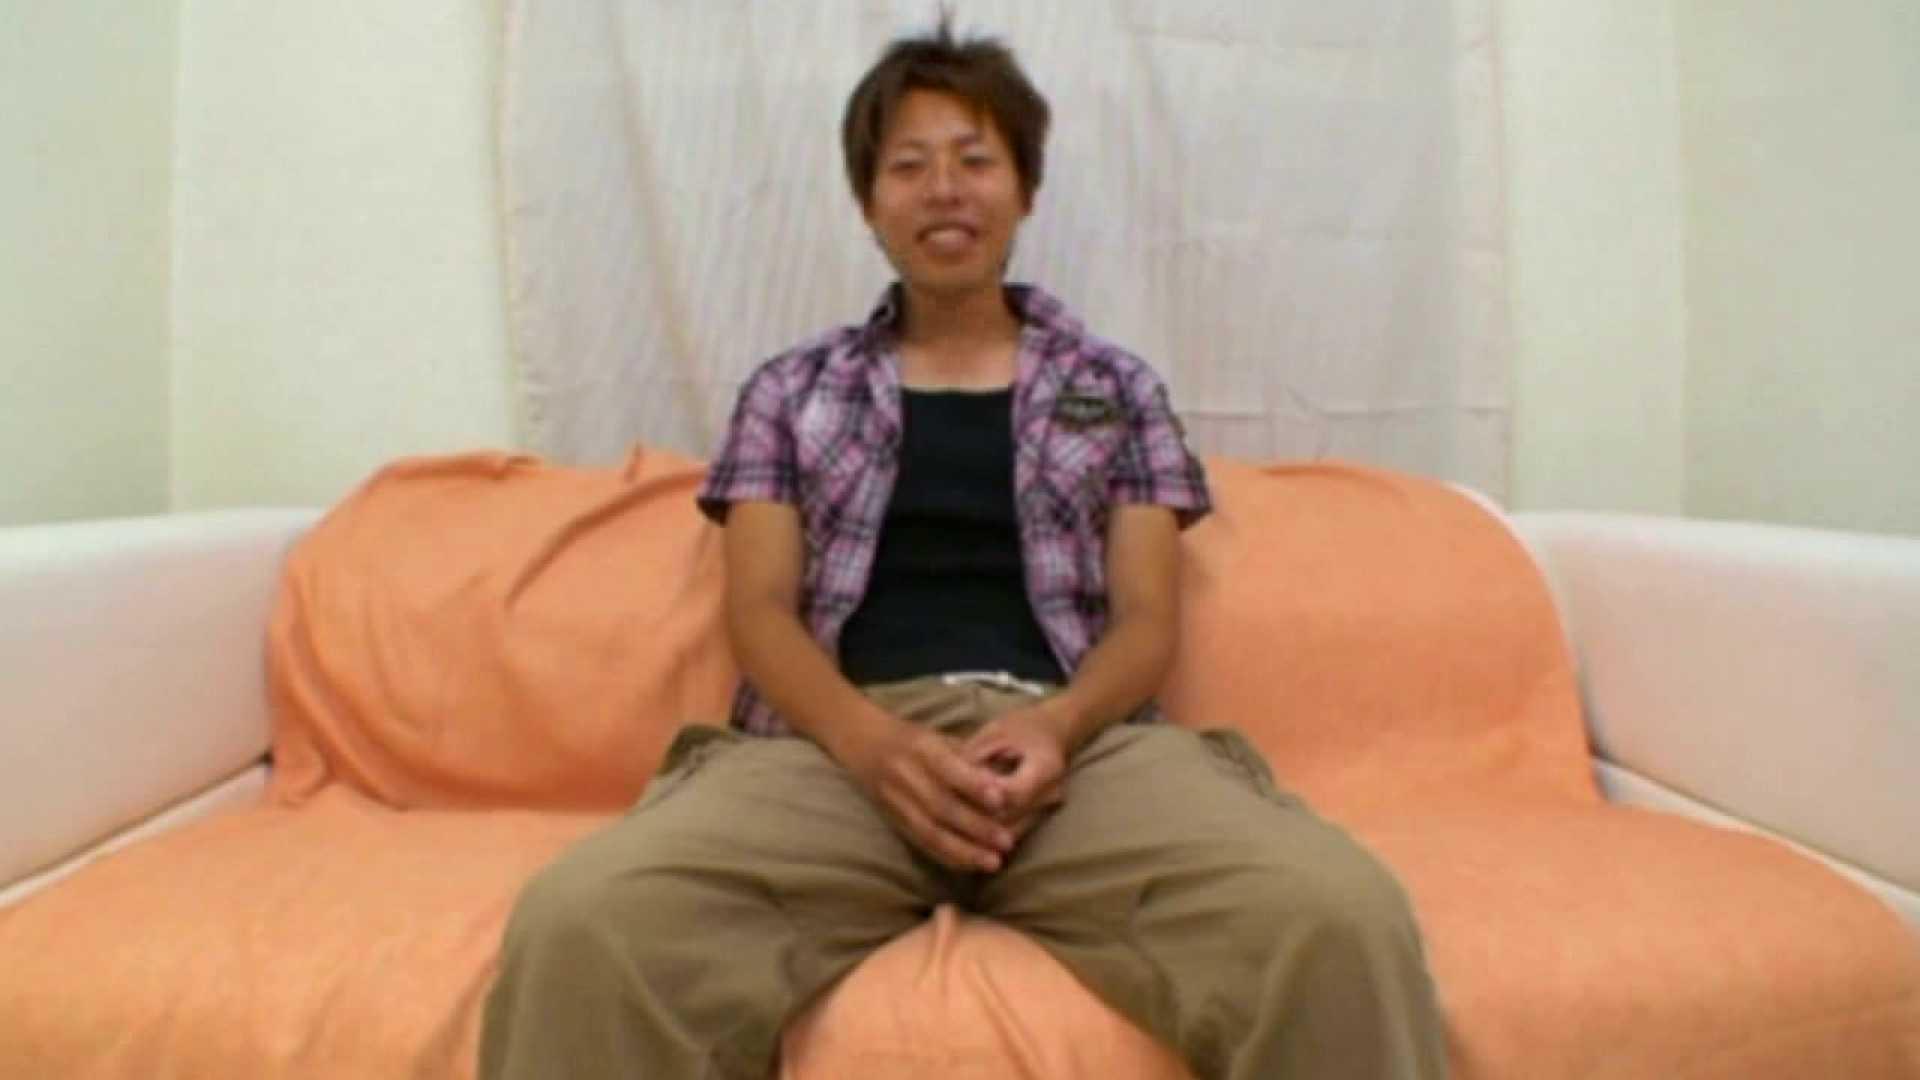 ノンケ!自慰スタジオ No.10 オナニー アダルトビデオ画像キャプチャ 113枚 51